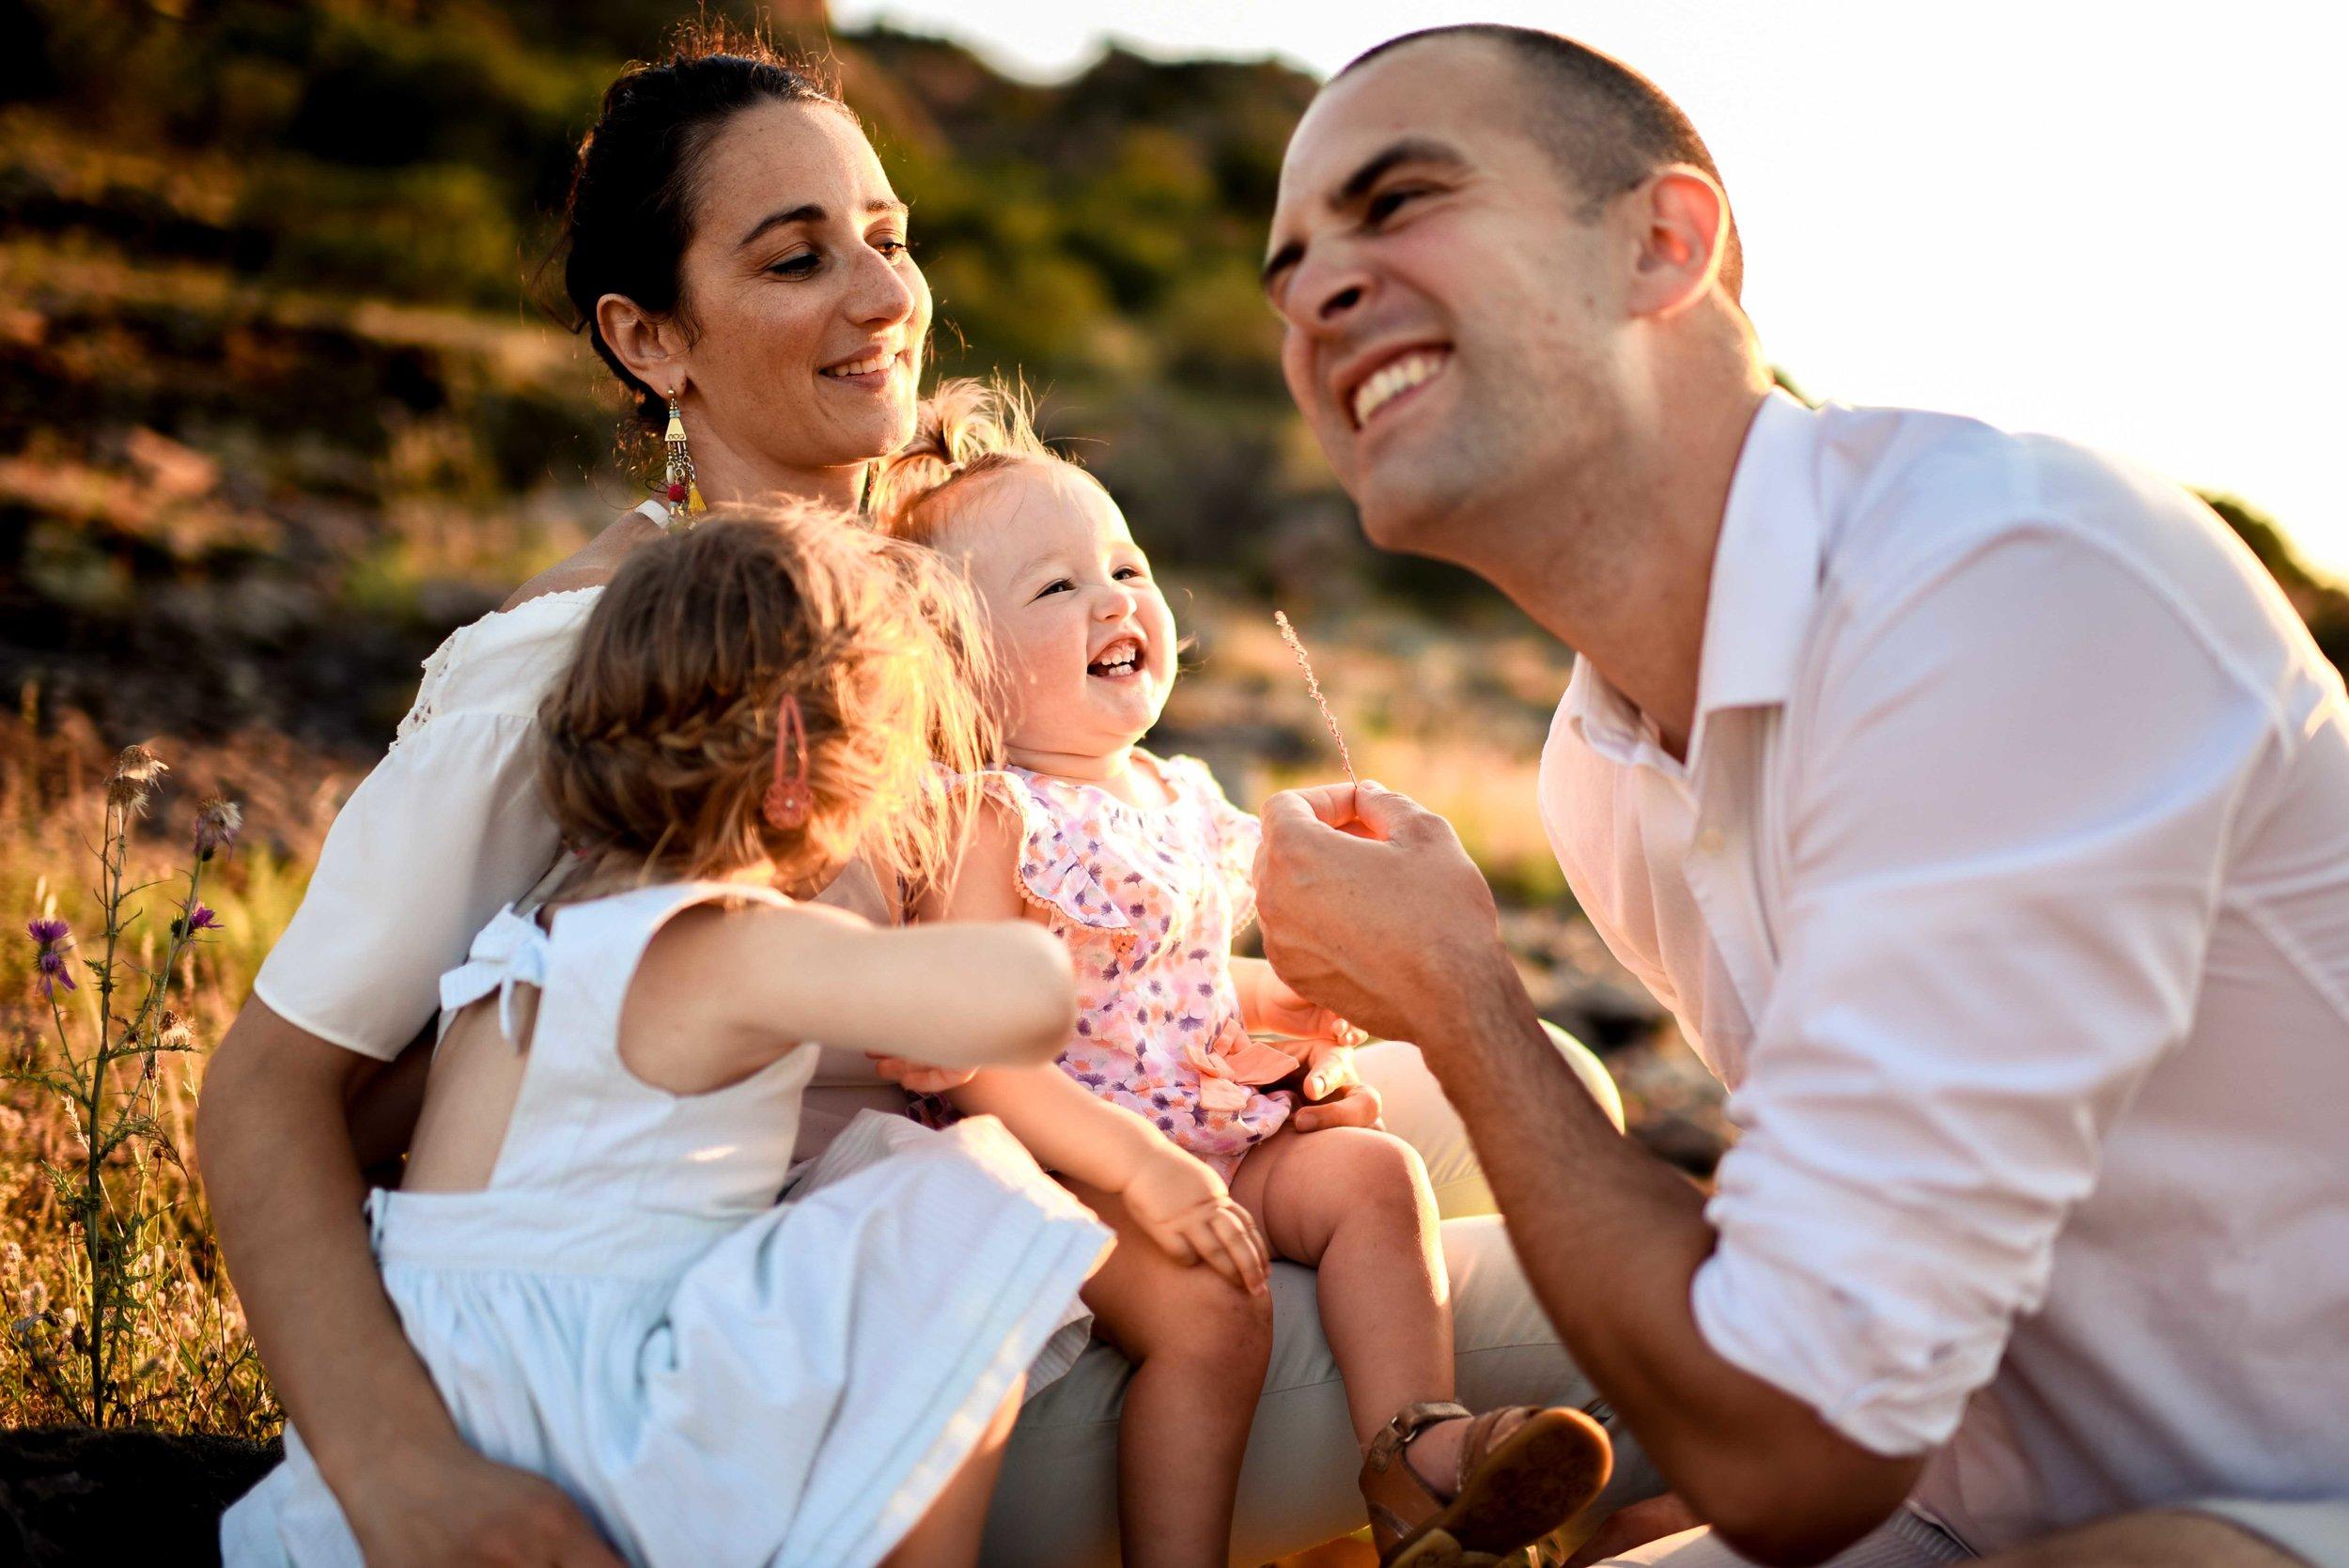 seance-photo-famille-naturelle-et-spontanee-11.jpg